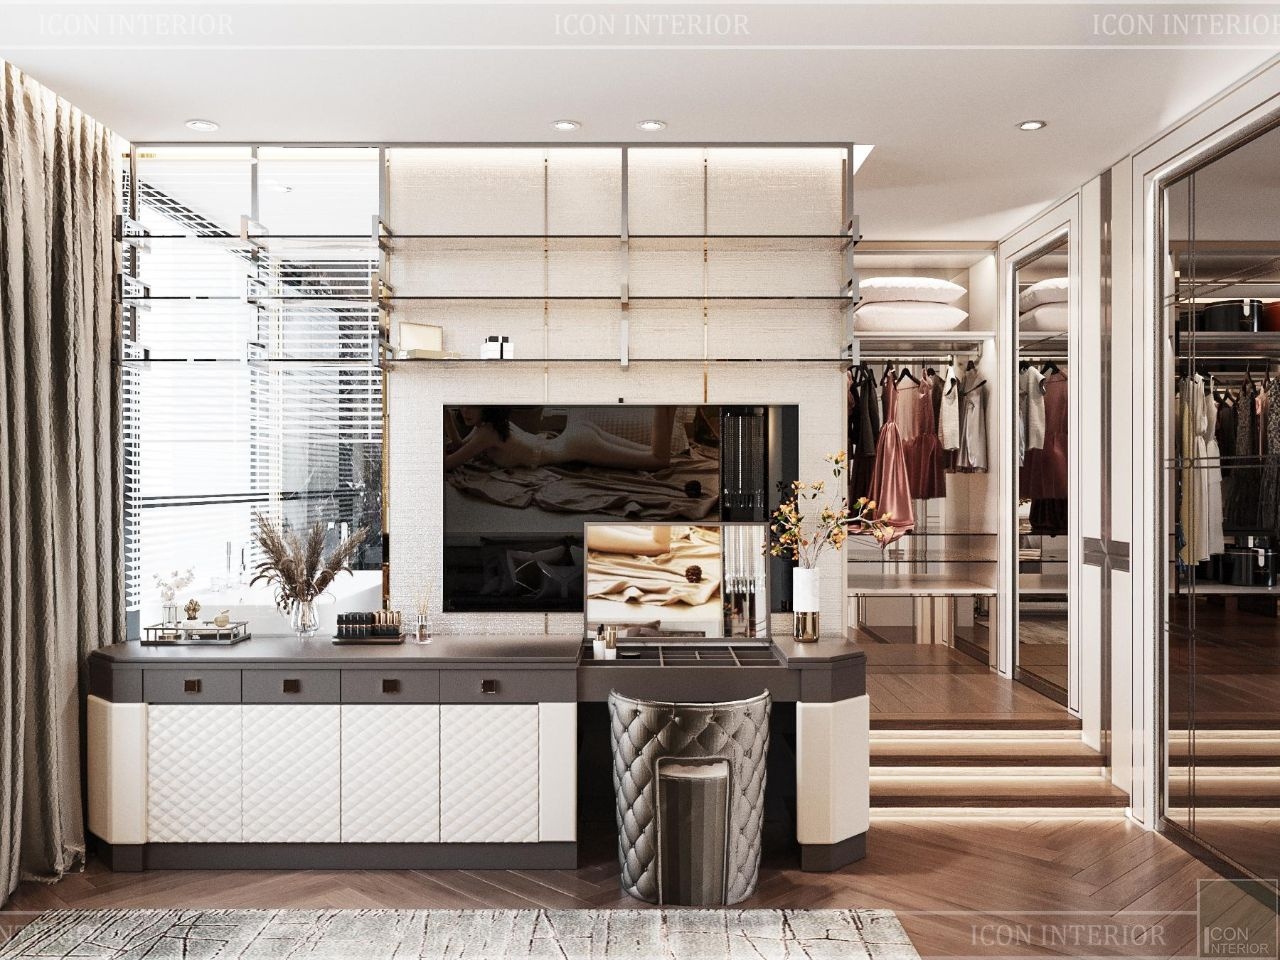 Mặt bằng bố trí thiết kế nội thất căn hộ 90m2